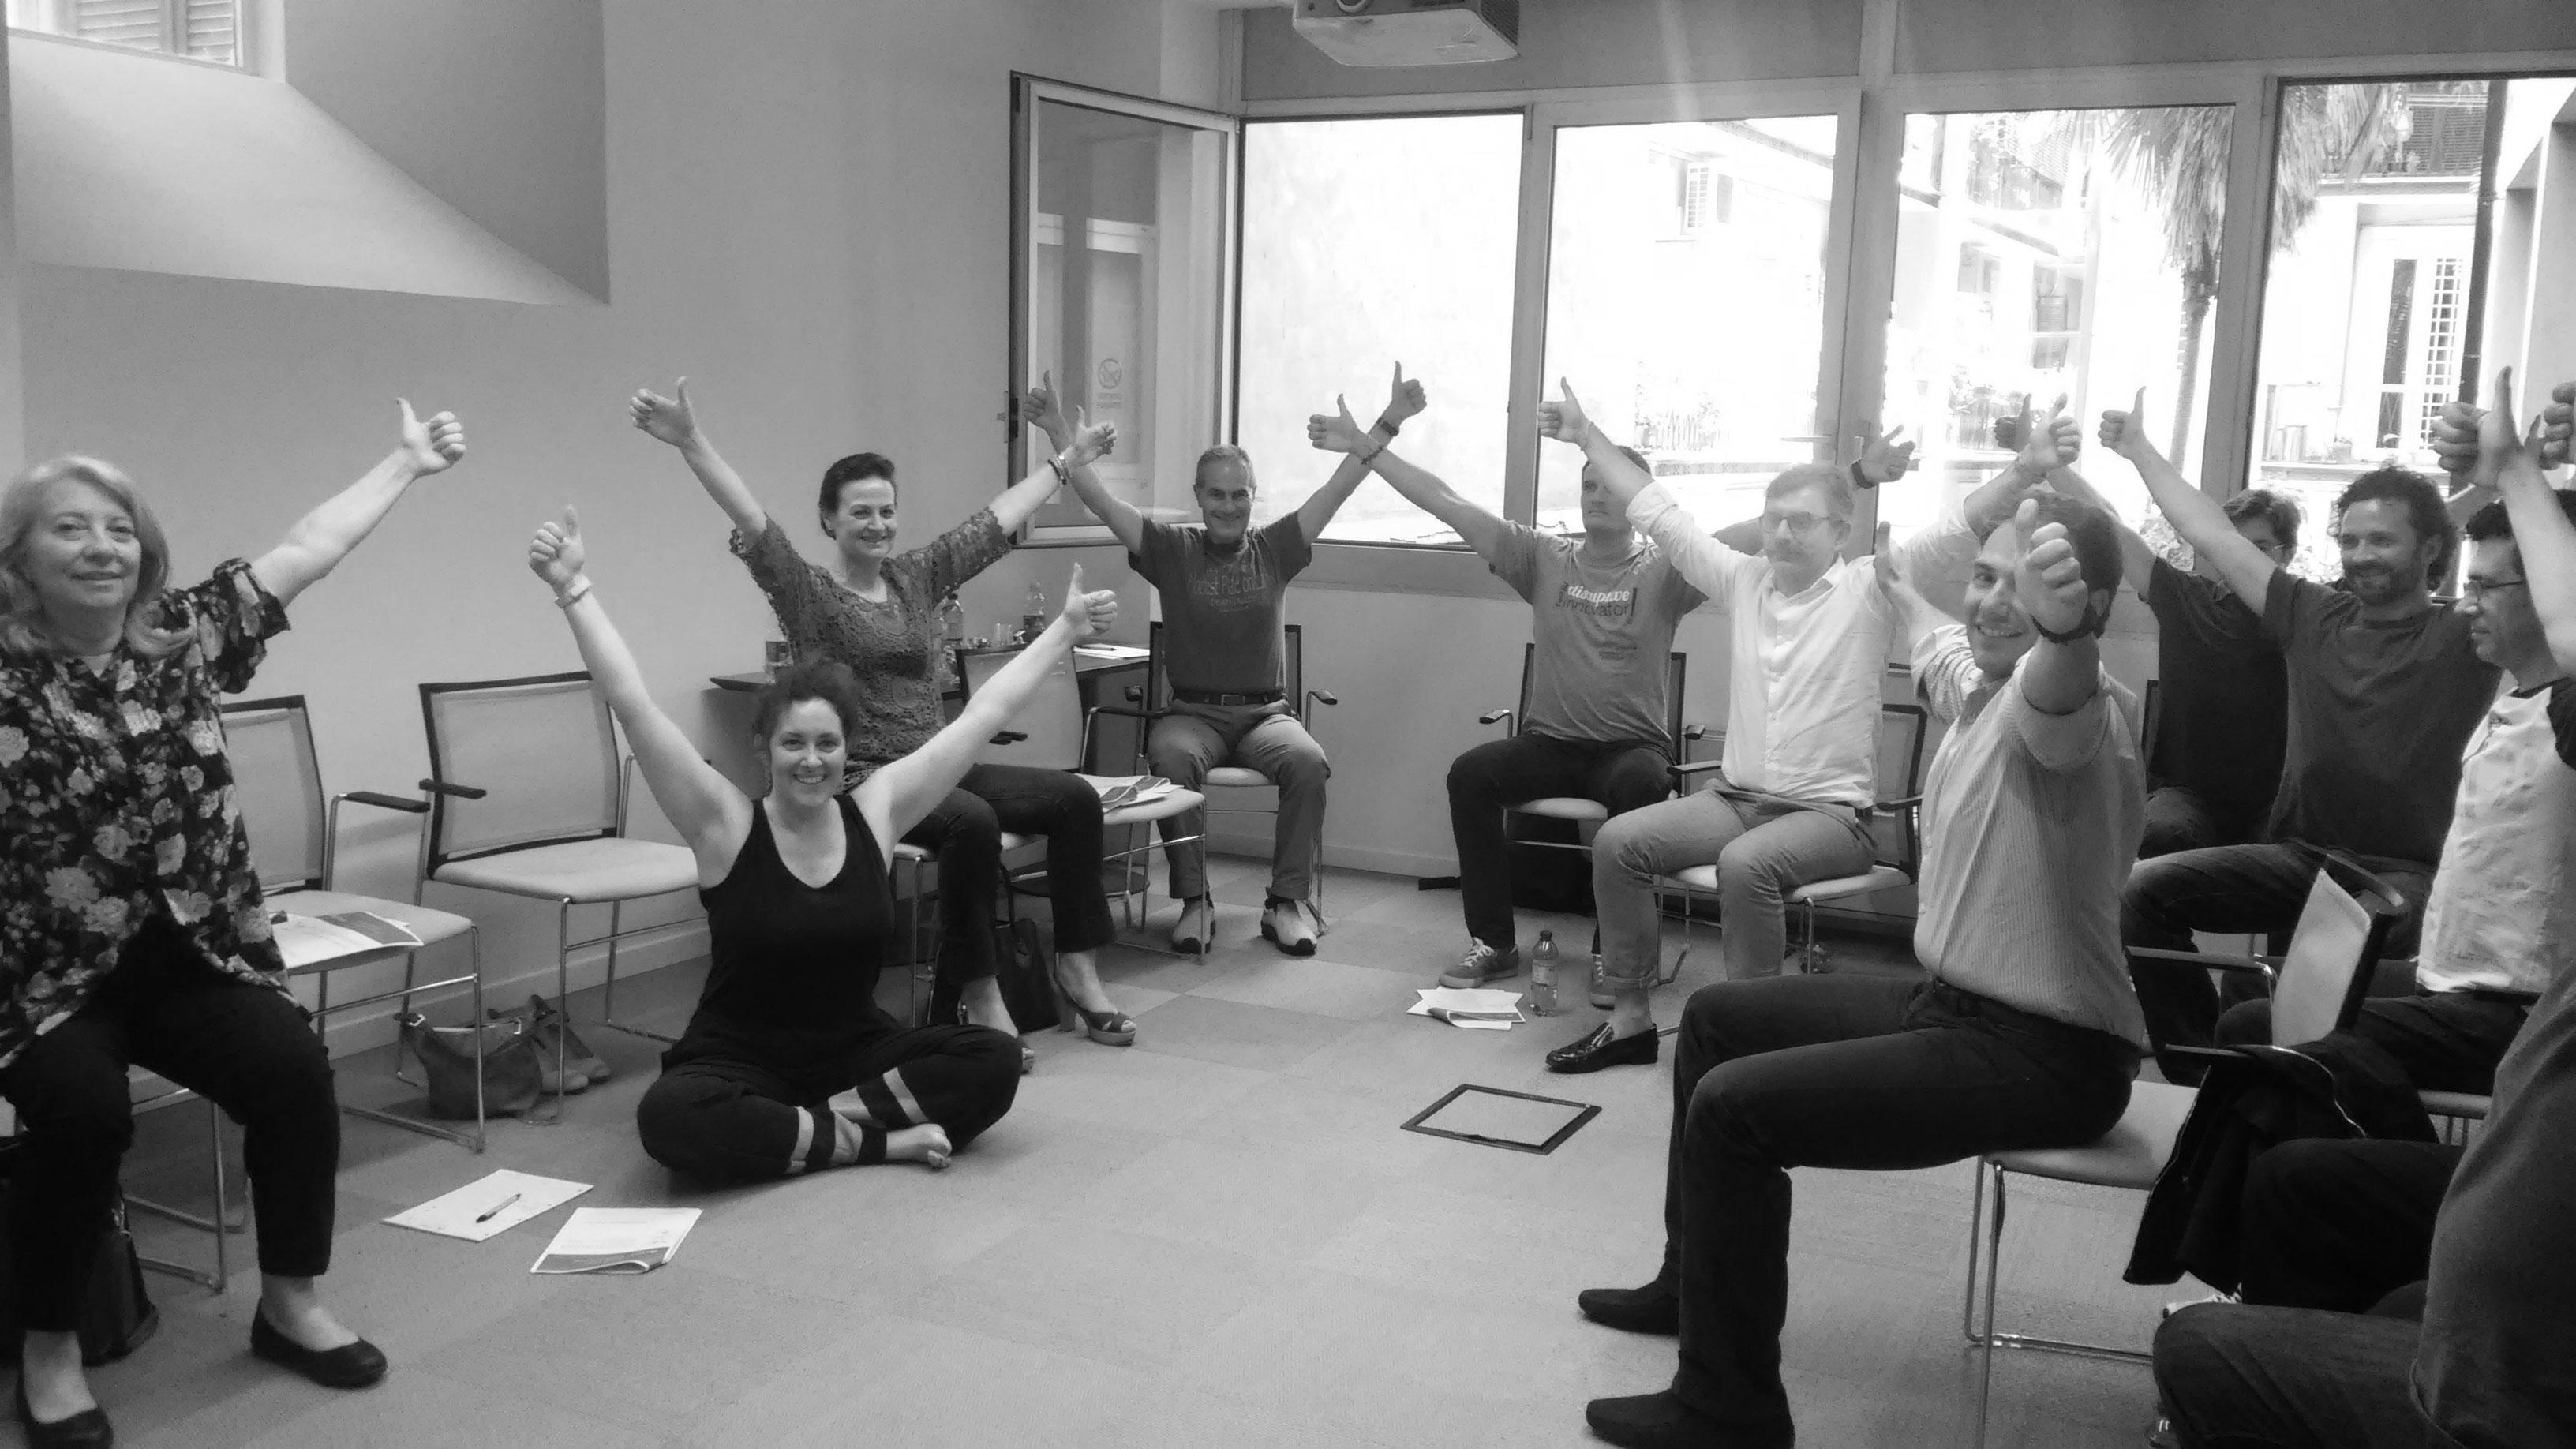 nuovi corsi yoga coaching al cfmt - stagione 2017